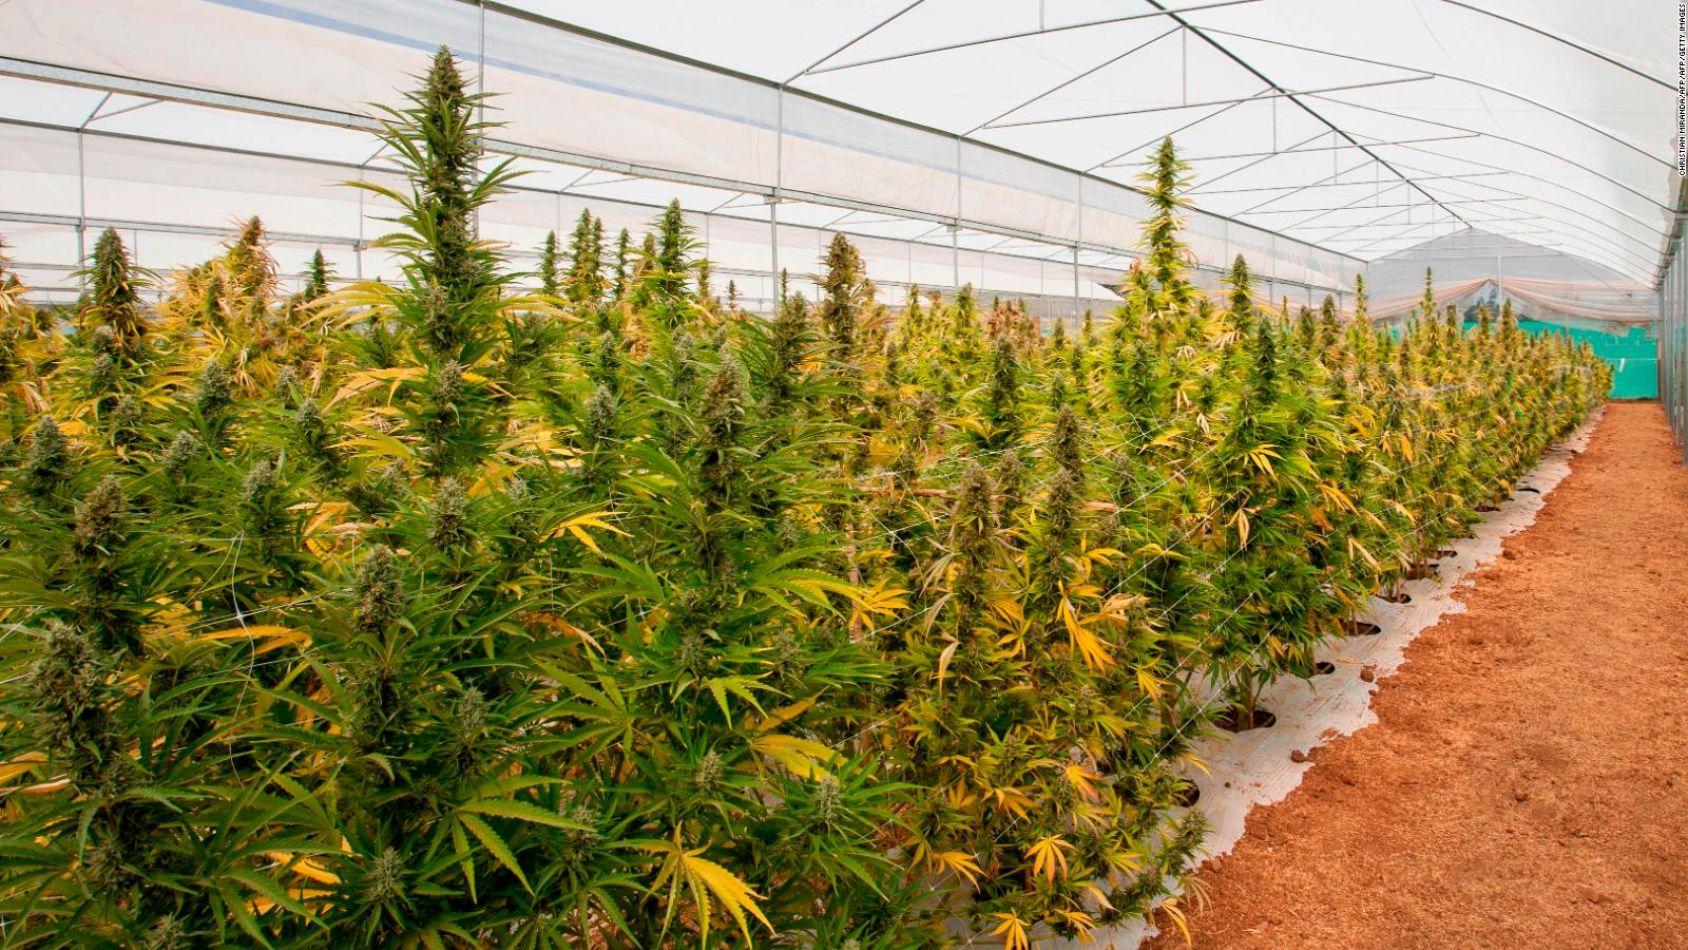 Banco de cultivo de cannabis en Salta: el proyecto aún es estudiado por concejales